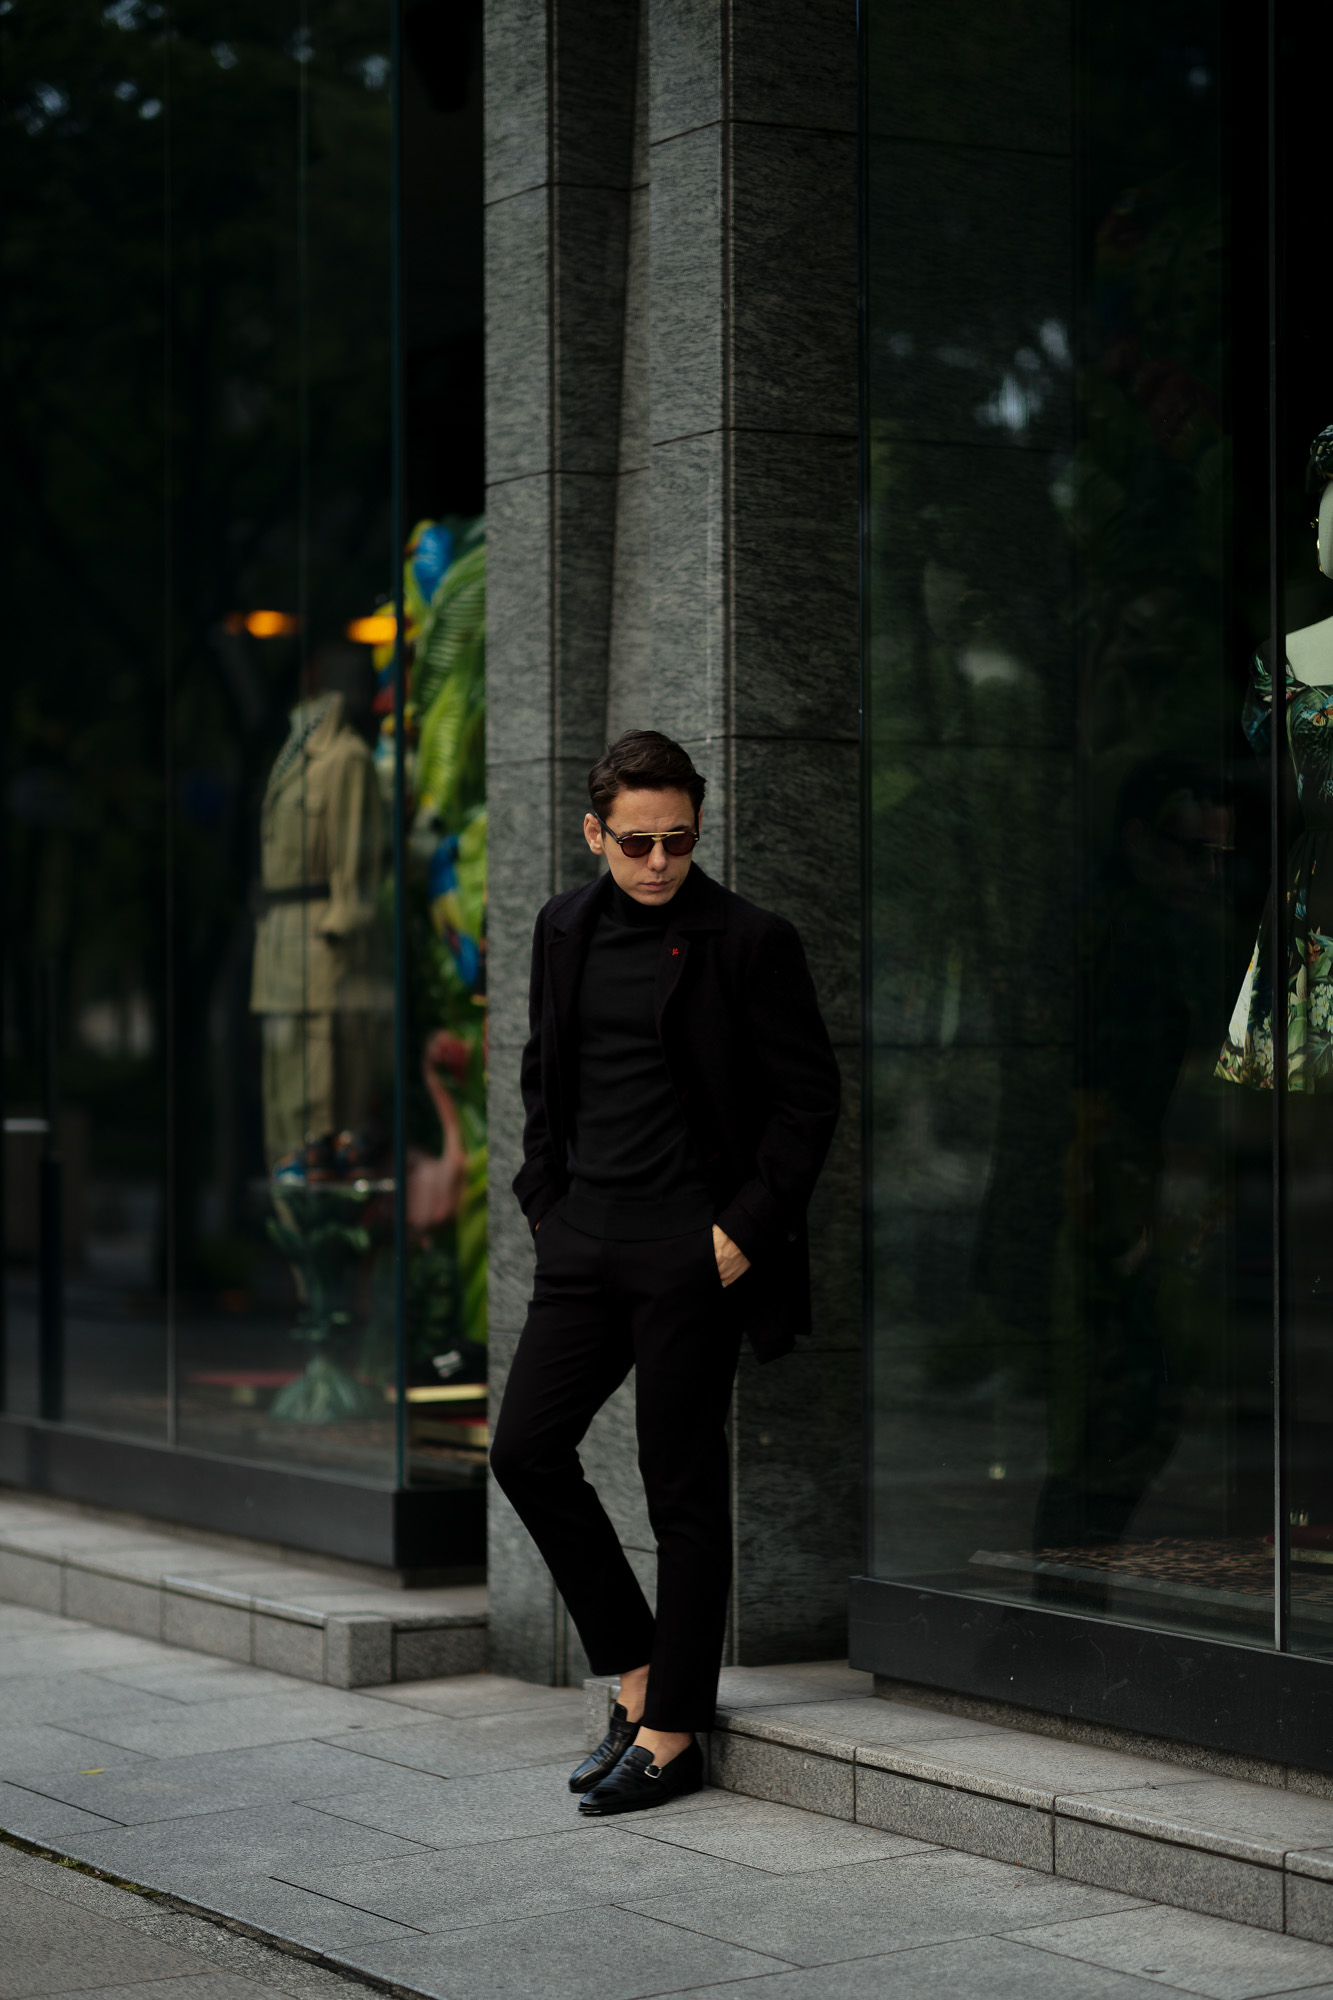 ISAIA (イザイア) CAPPOTTO (カッポット) グレンチェック フラノウール カーコート BLACK (ブラック・990) Made in italy (イタリア製) 2020 秋冬 【ご予約受付中】 愛知 名古屋 altoediritto アルトエデリット